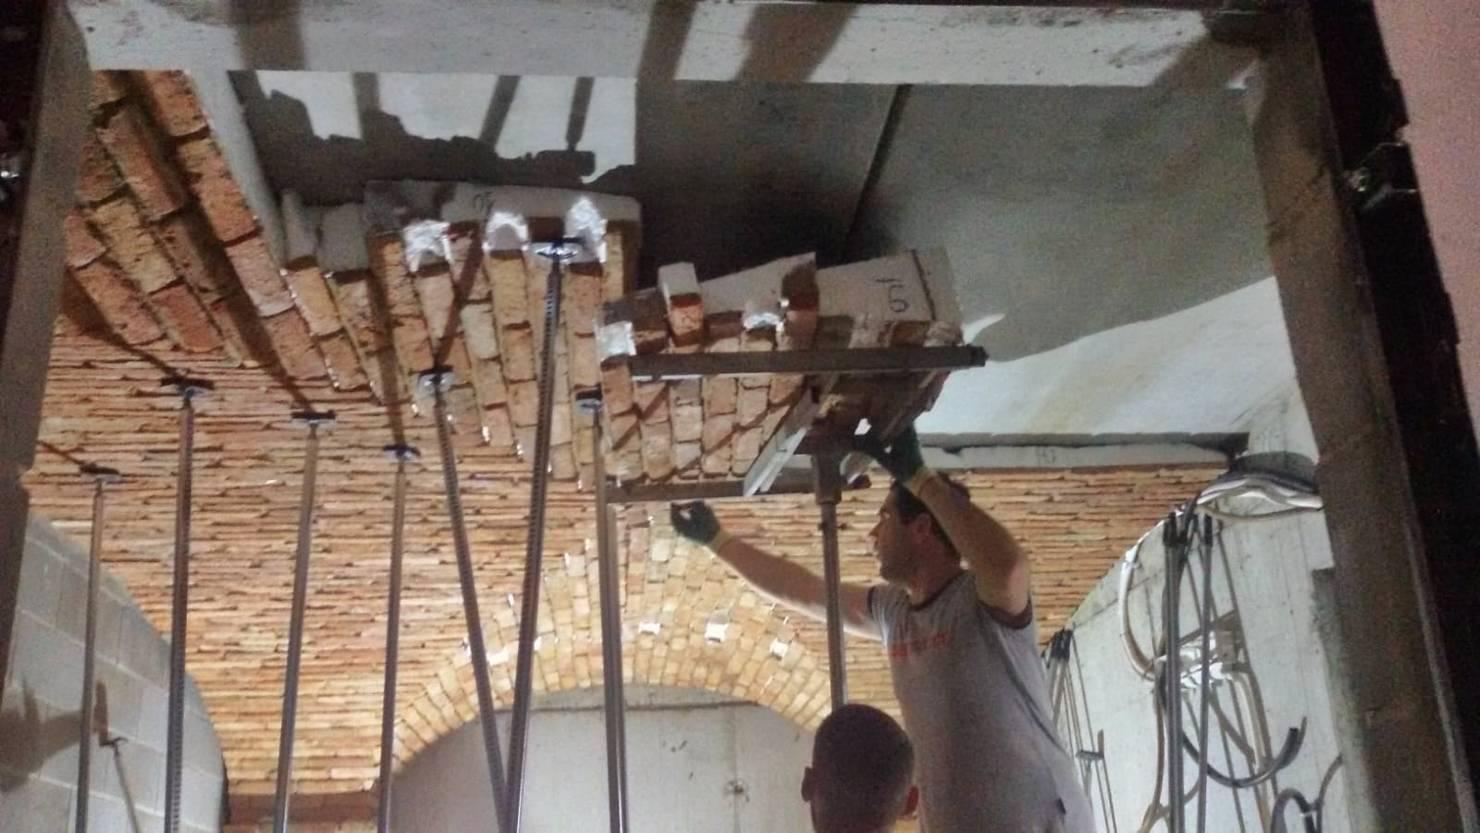 Recupero edilizio di cantine e garage trasformate in cantine di conservazione e degustazione a Milano